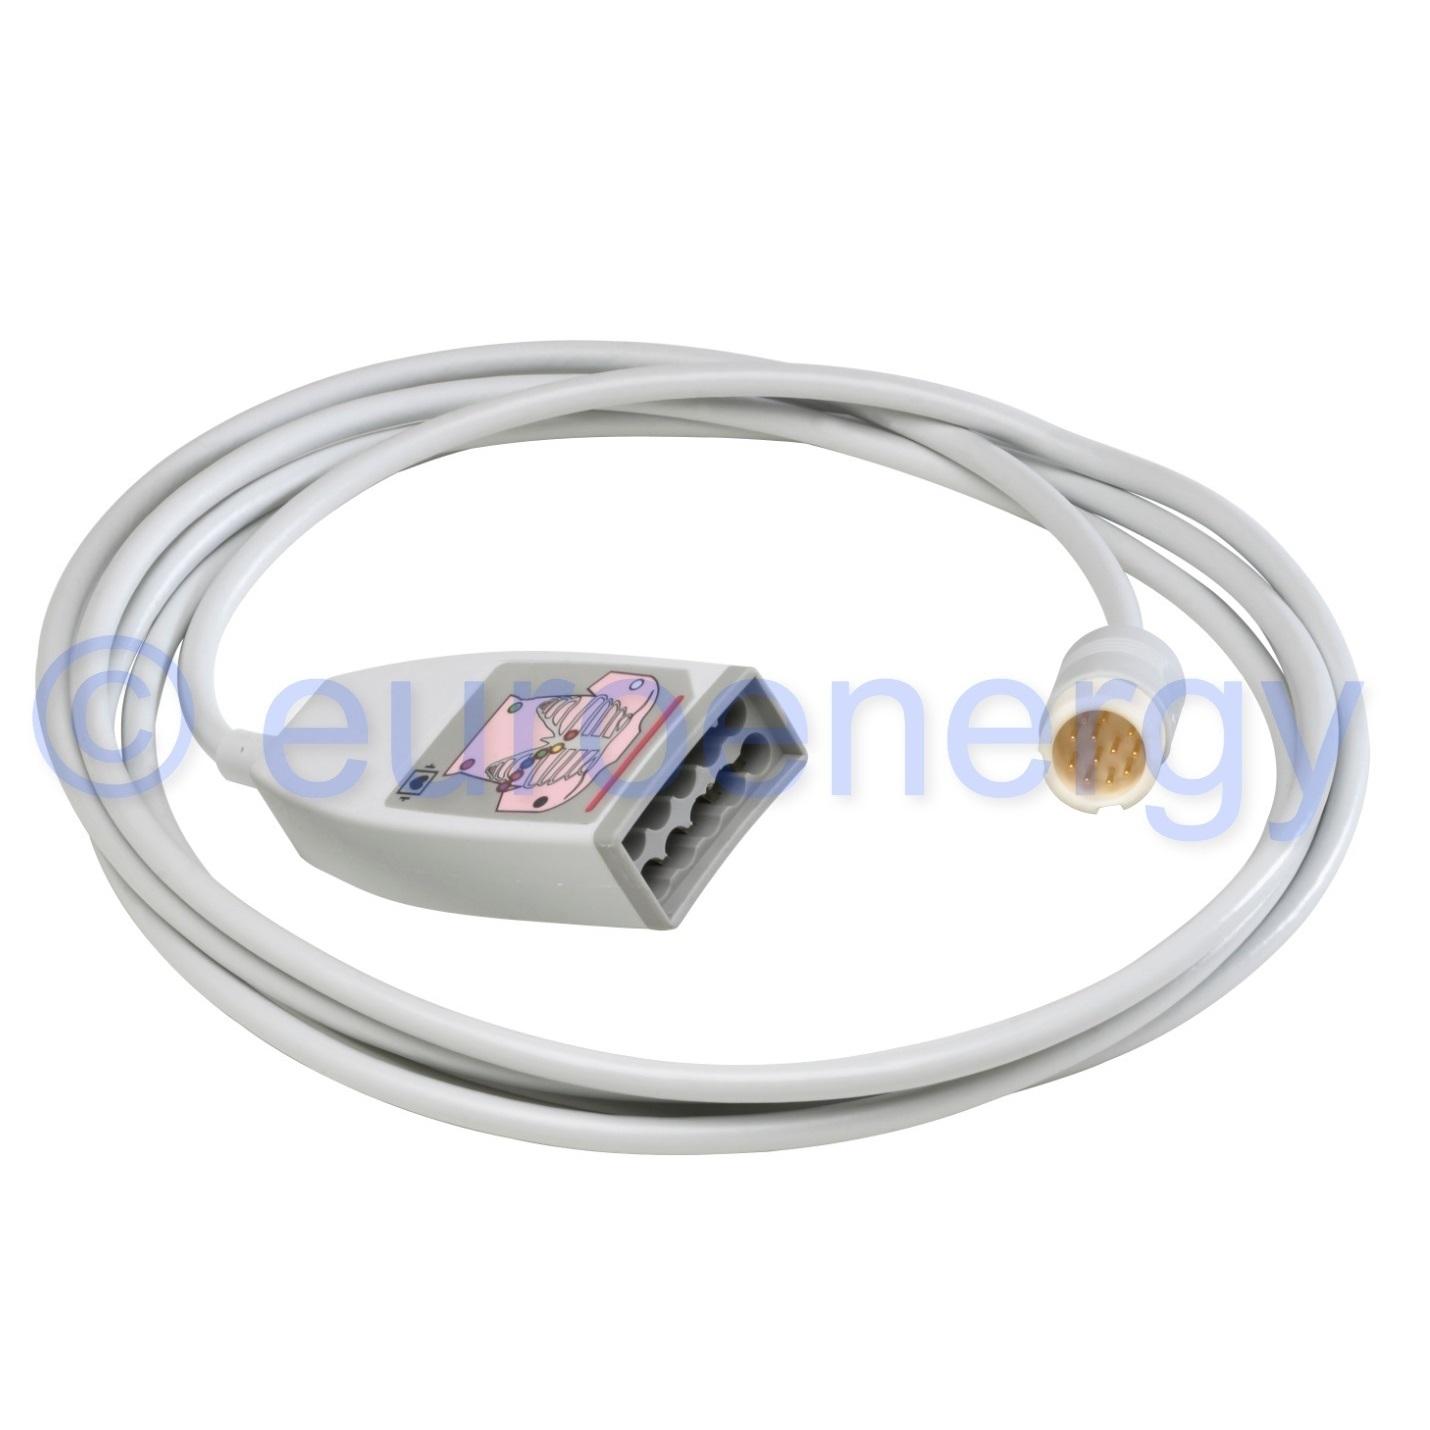 Philips 5+5 ECG IEC 10-lead AAMI / IEC Original Medical Trunk Cable M1949A / 989803125831